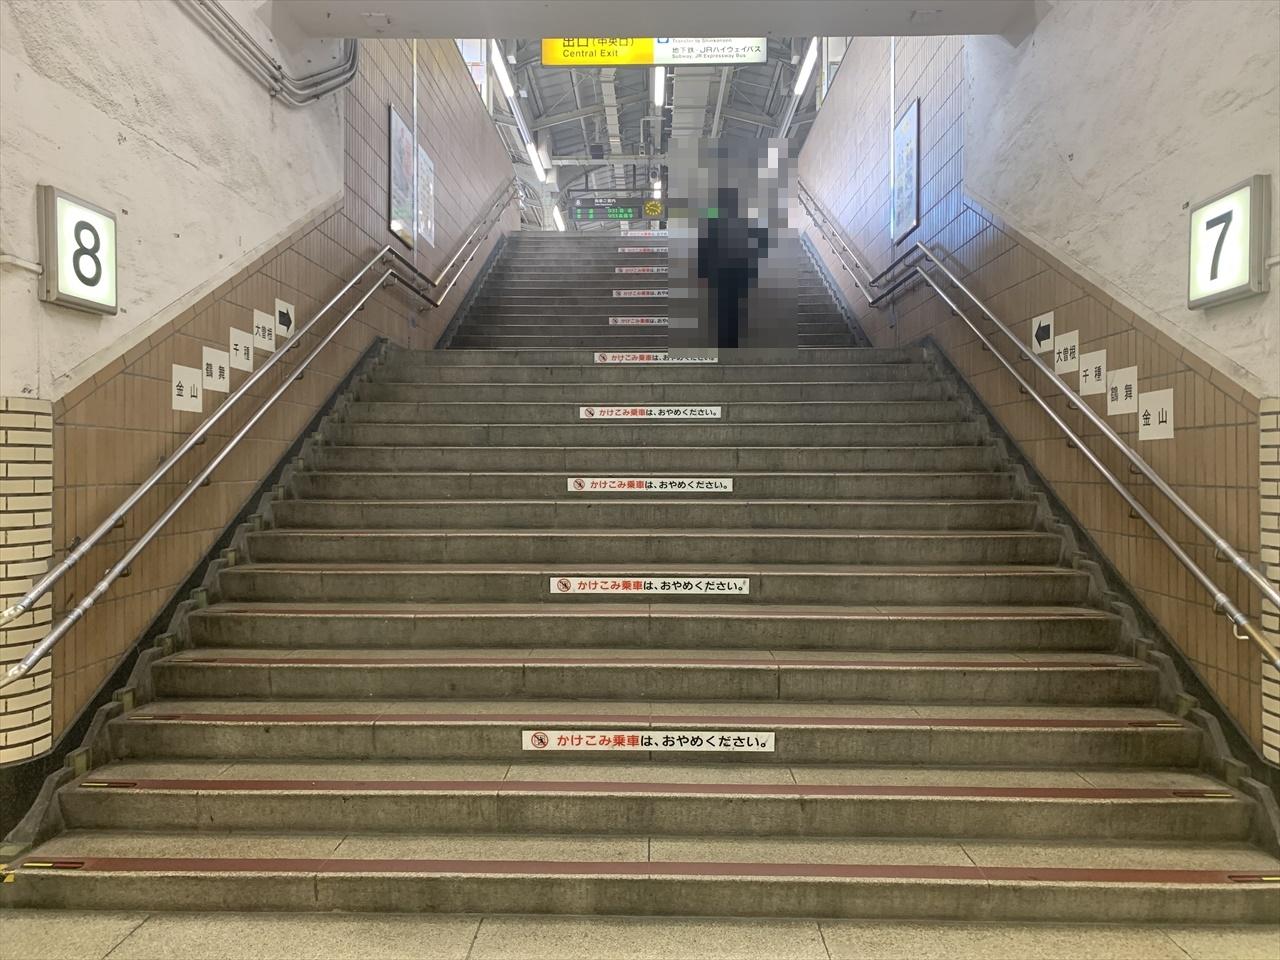 名古屋駅構内に残る戦争遺構